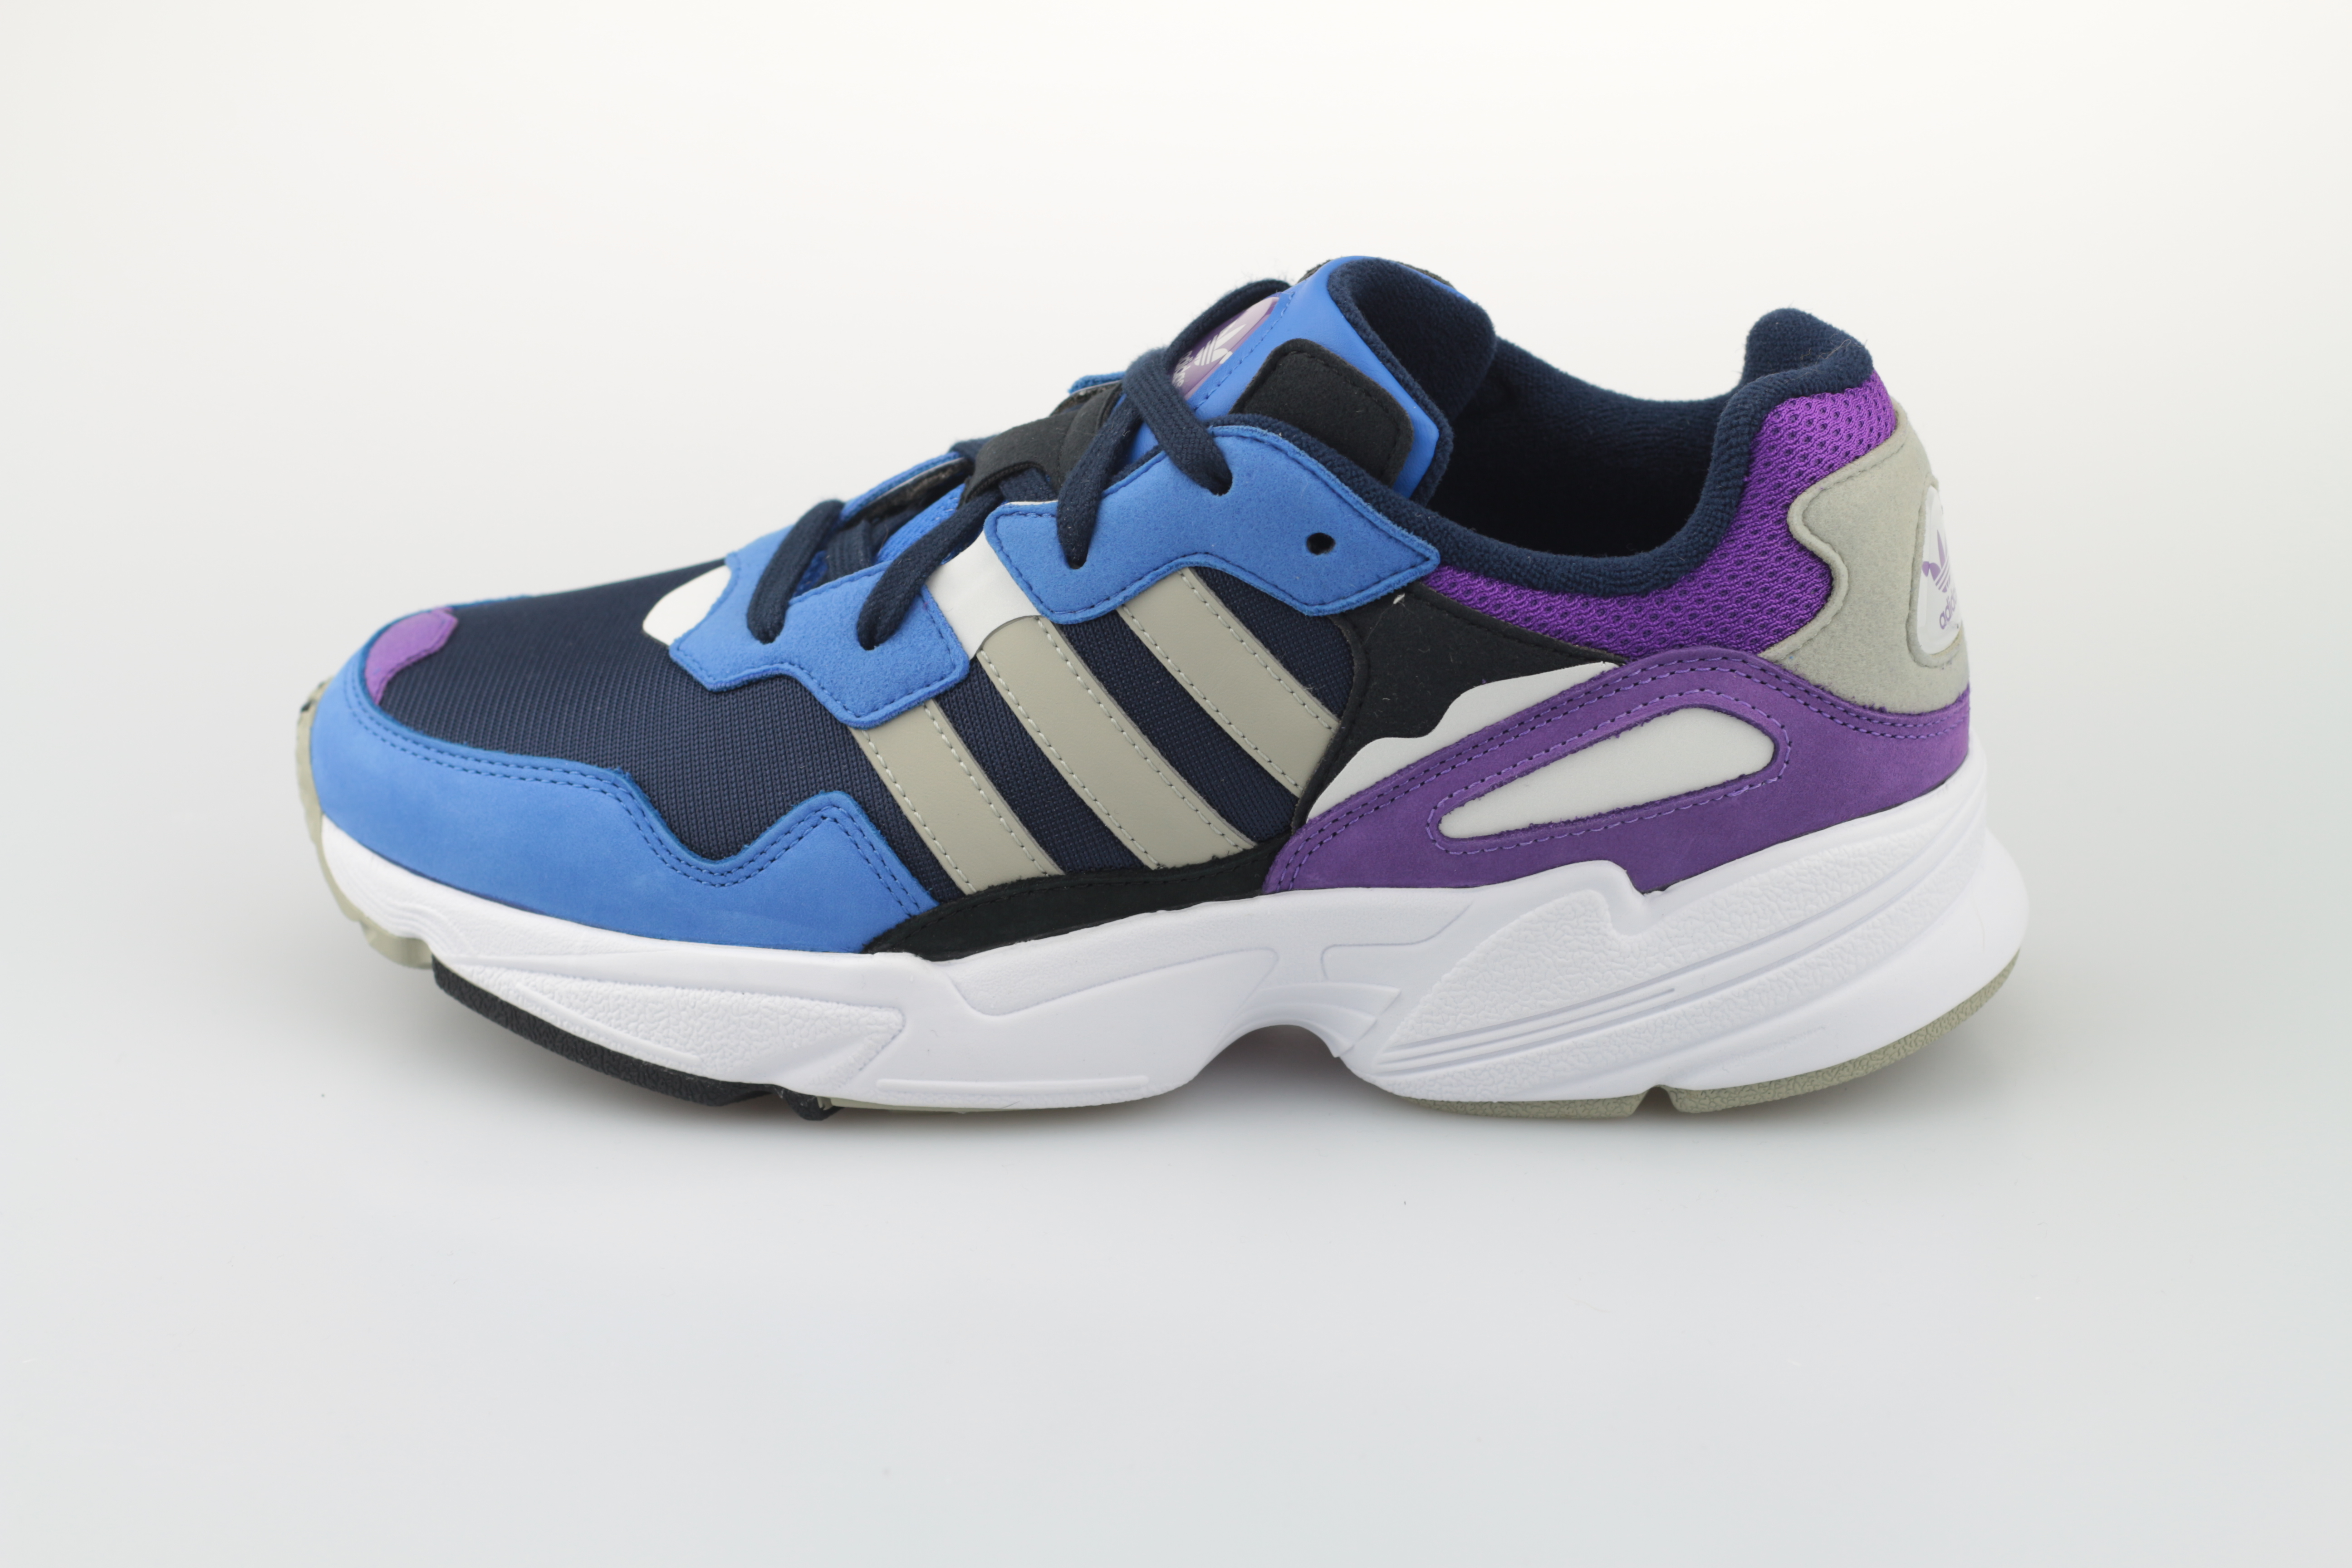 Adidas Yung 96 HerrenTurnschuhe Blau Circle Menschliche